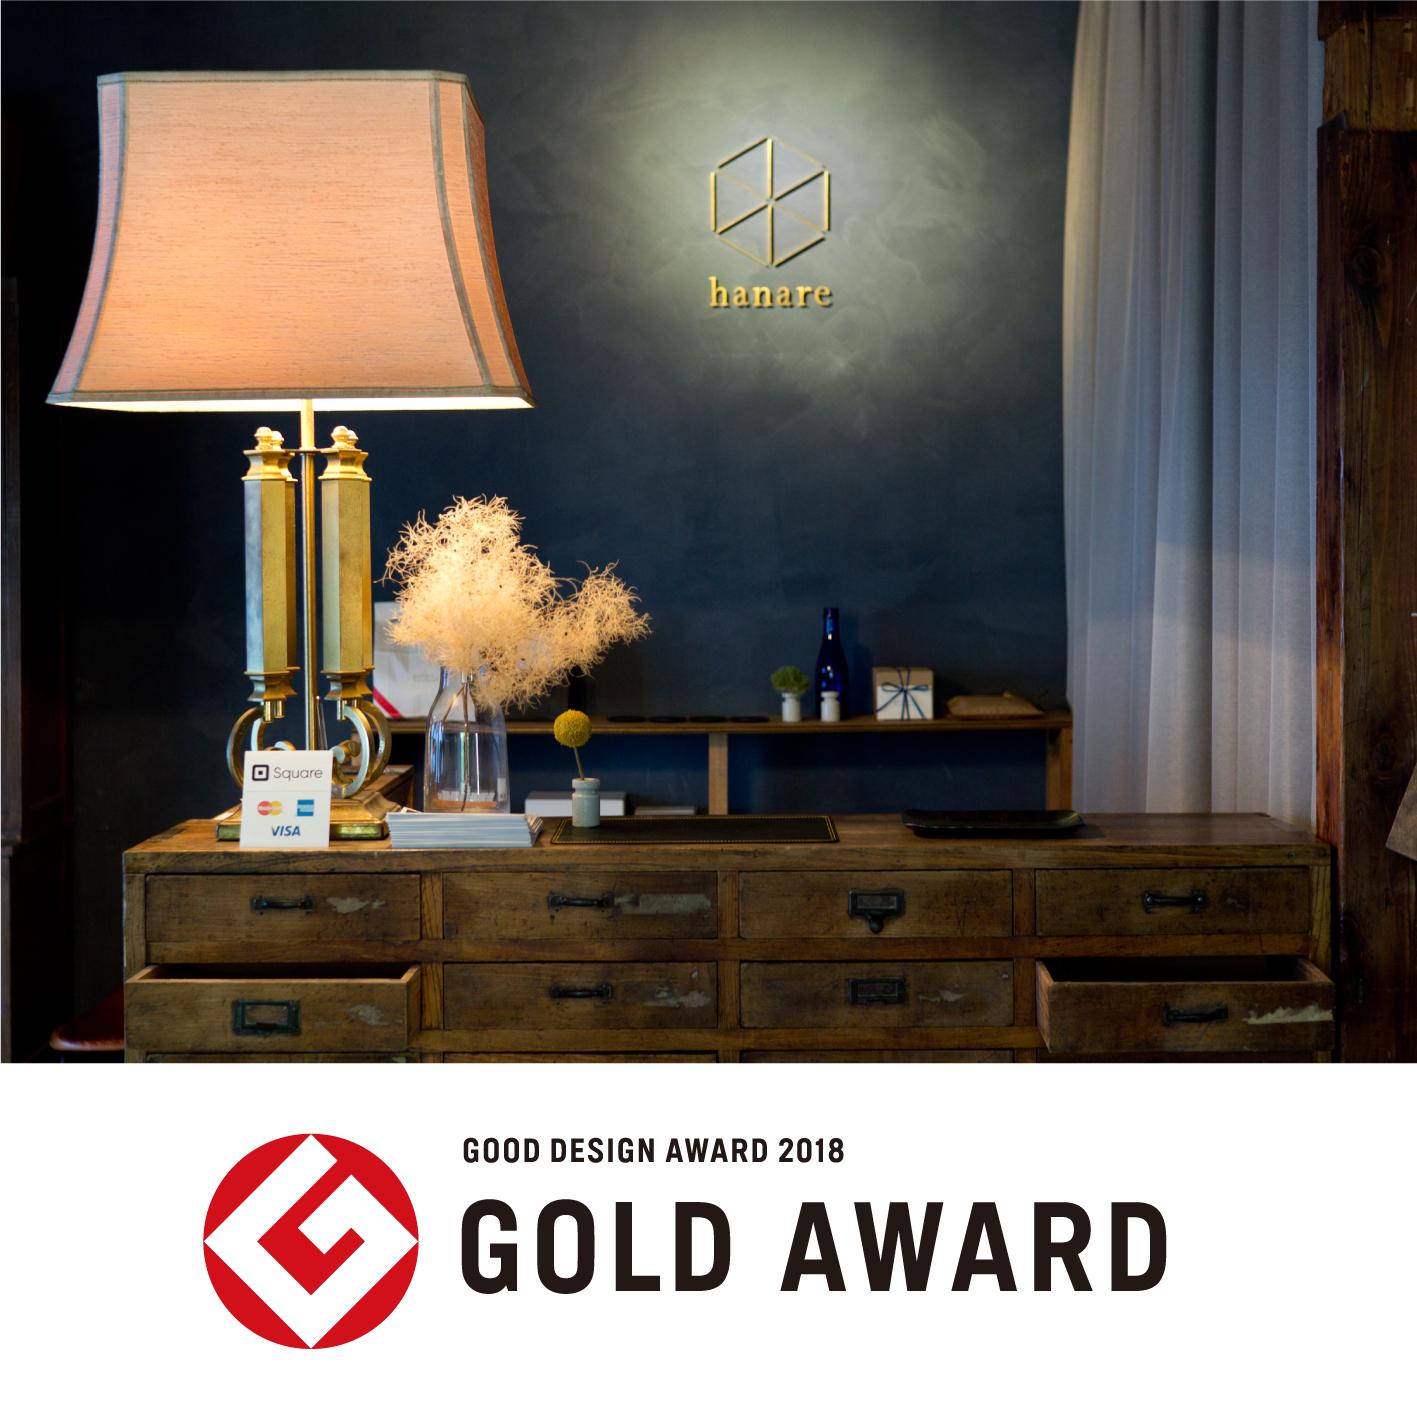 宿泊施設「hanare」がグッドデザイン金賞を受賞しました。